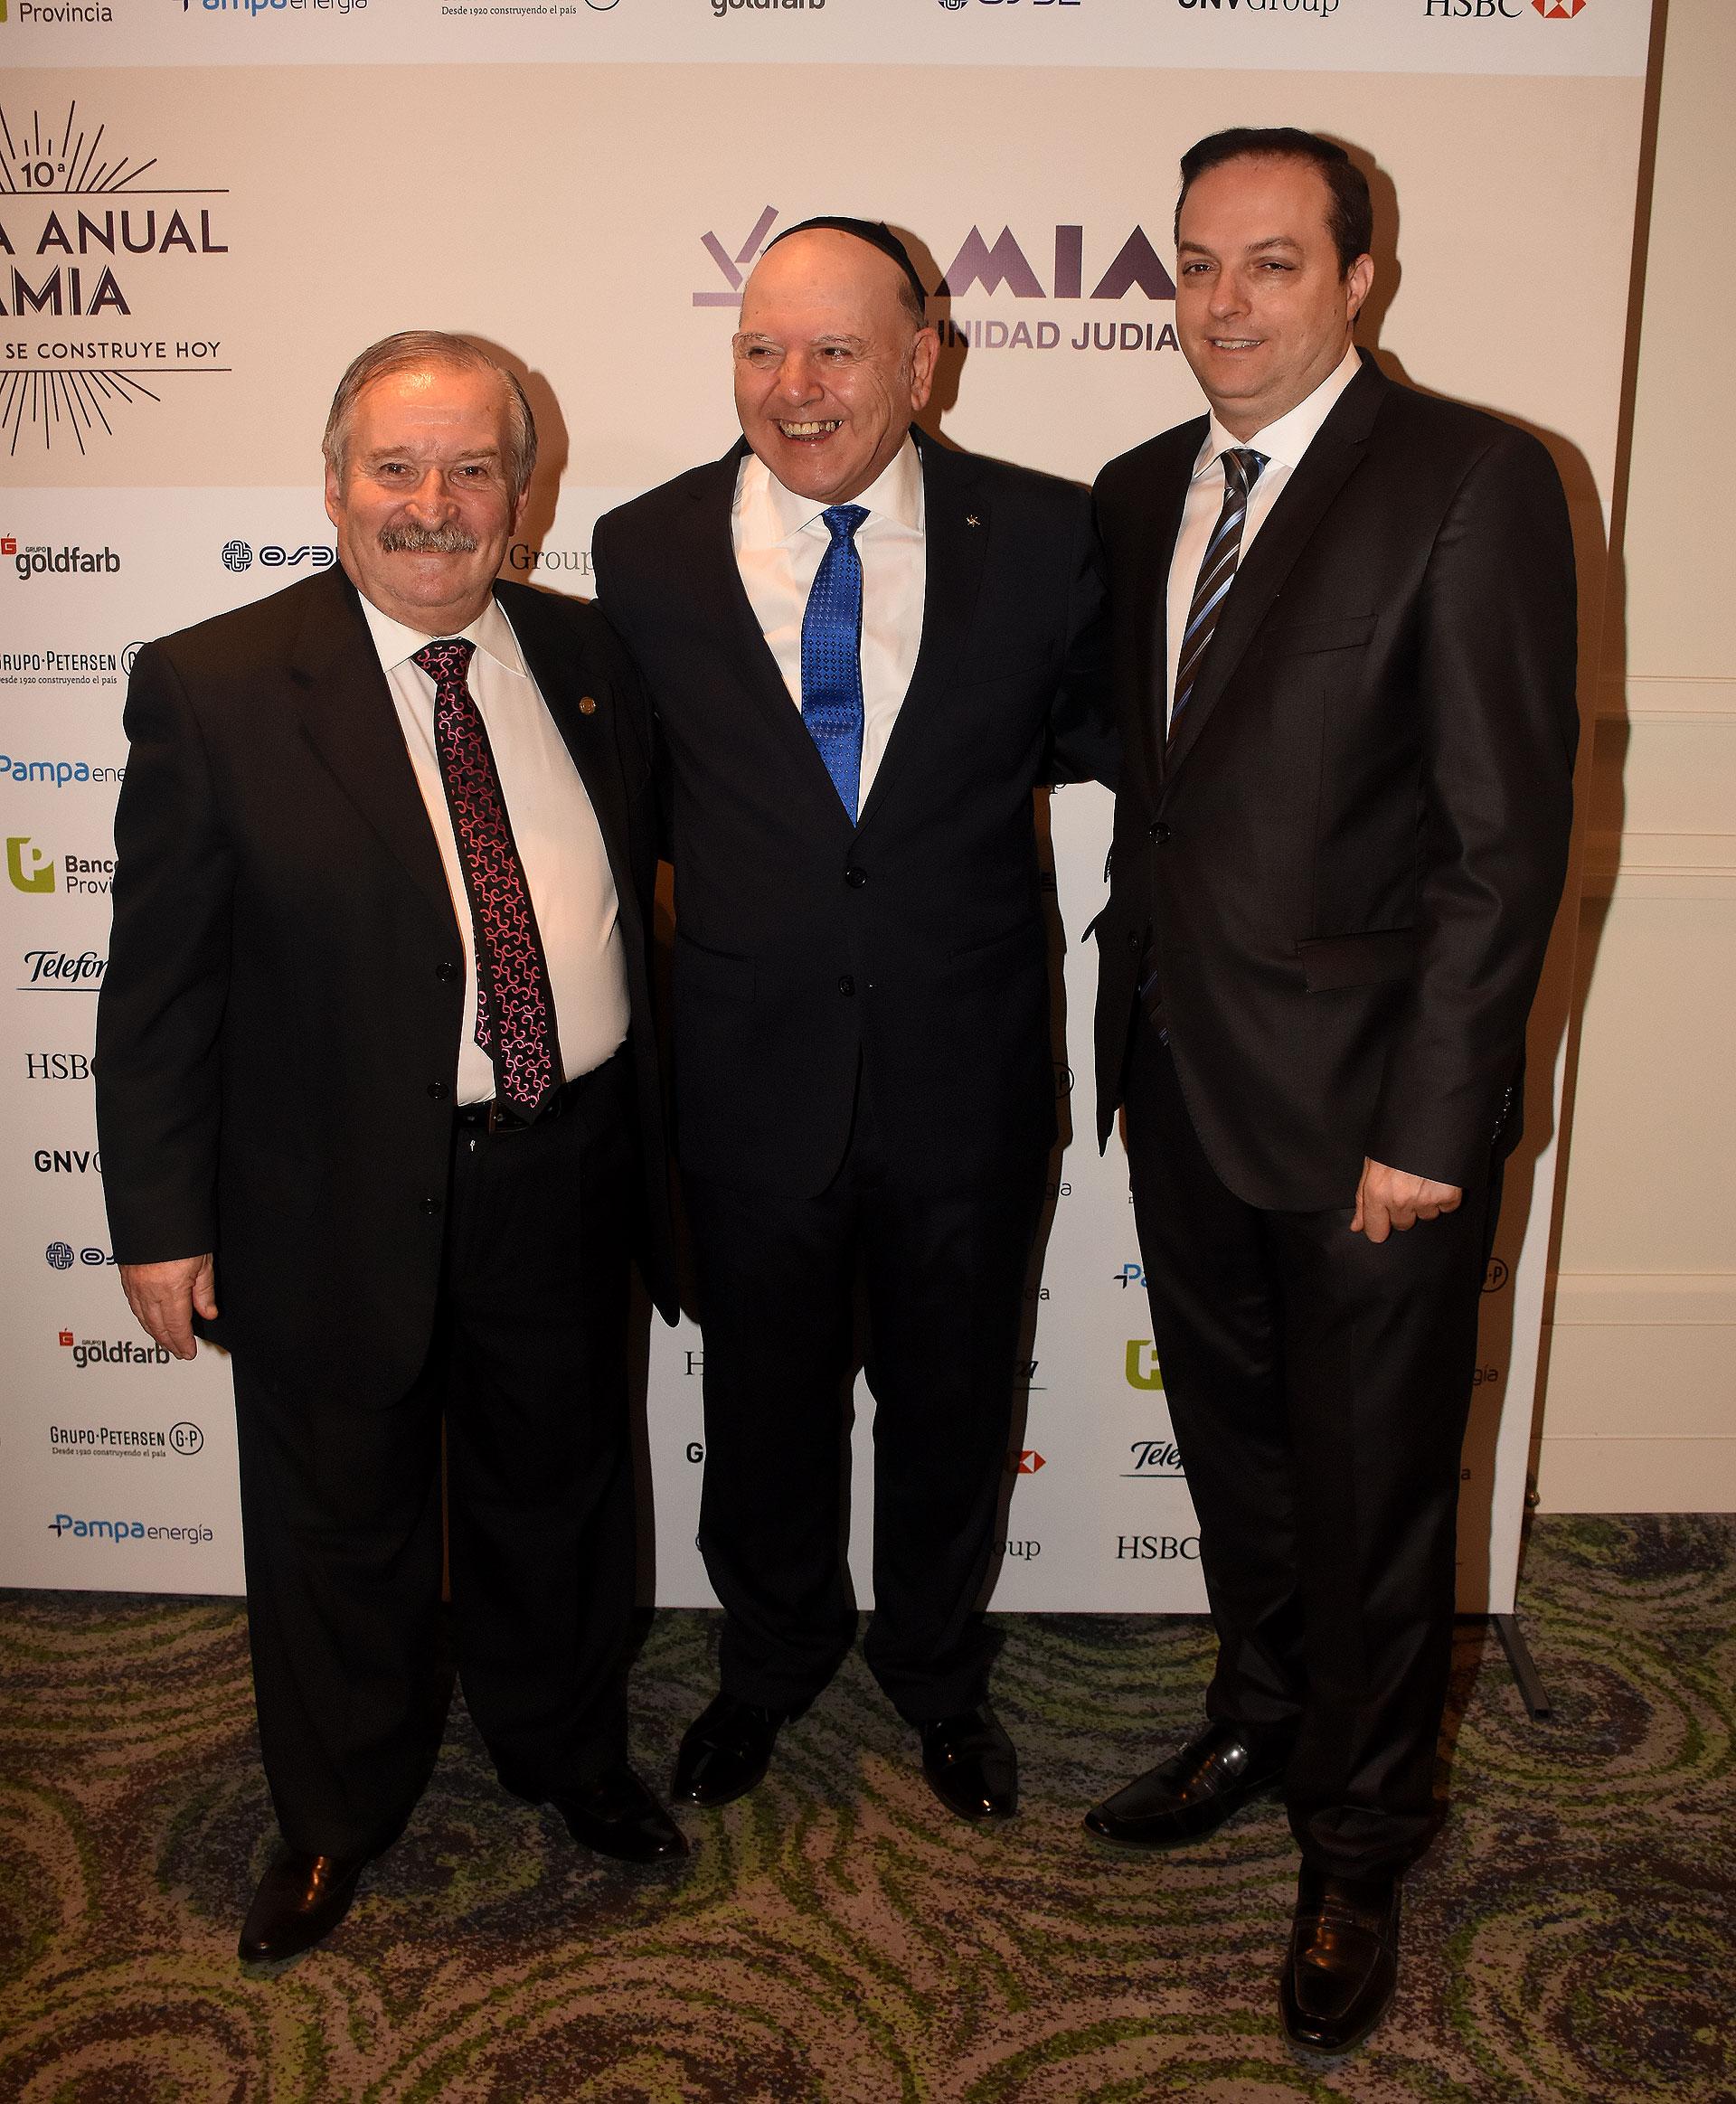 Julio Schlosser junto al tesorero de la AMIA, Alberto Chaieno, y Ariel Cohen Sabban